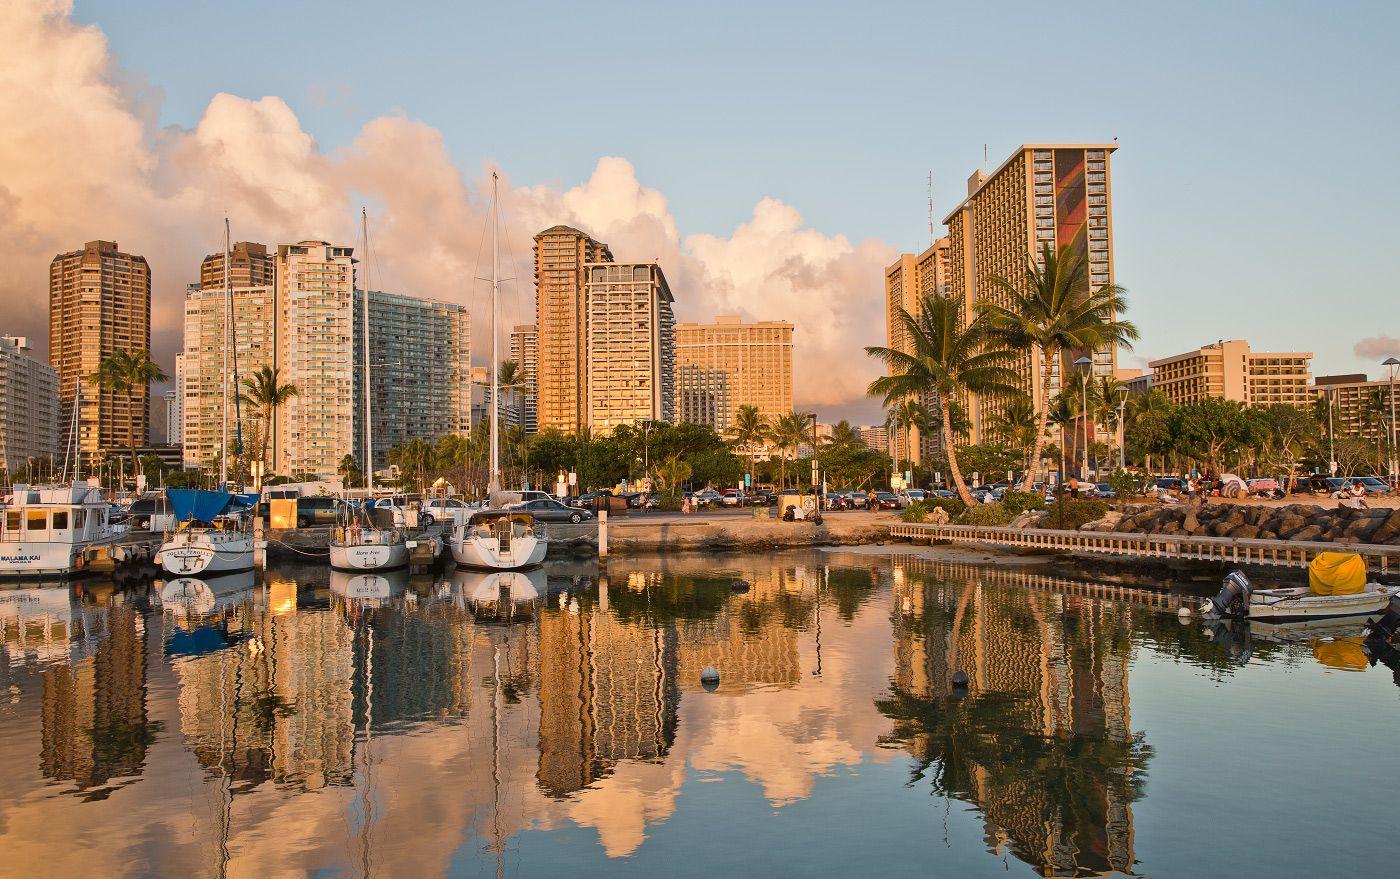 """Название города менялось несколько раз. Кулолиа (Kulolia) - полинезейское название гавани Гонолулу. В 18-19 вв. - """"Гавань Брауна"""" (Brown's Harbor англ.) - в честь капитана Вильяма Брауна (William Brown), первым зашедшим в гавань Гонолулу, а с  19 века Гонолулу"""